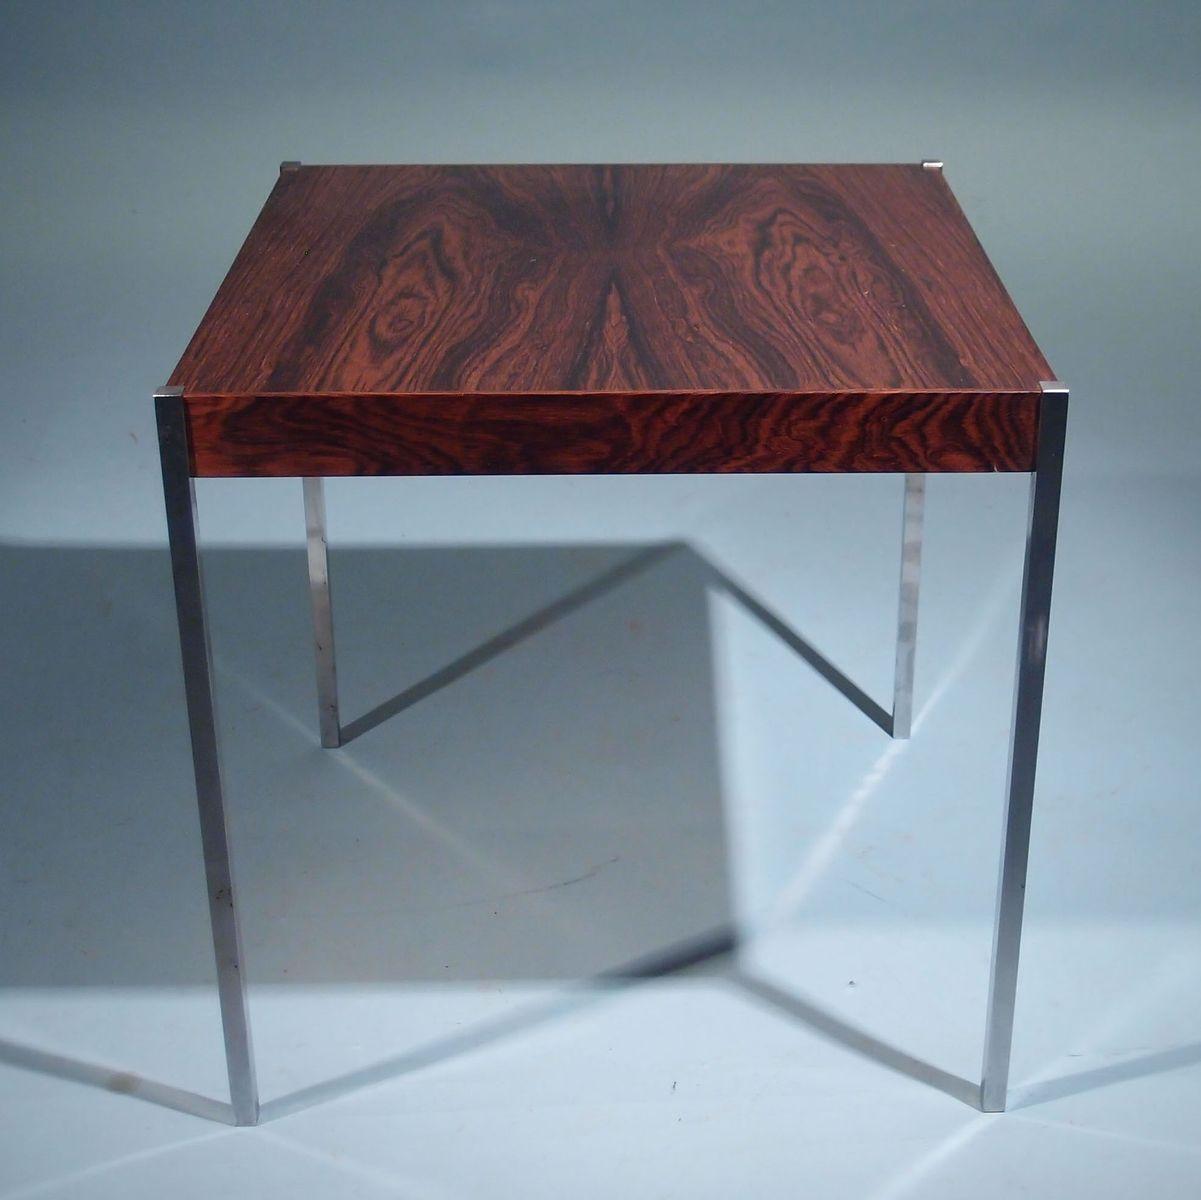 schwedischer vintage beistelltisch von sten kristiansson f r luxus bei pamono kaufen. Black Bedroom Furniture Sets. Home Design Ideas